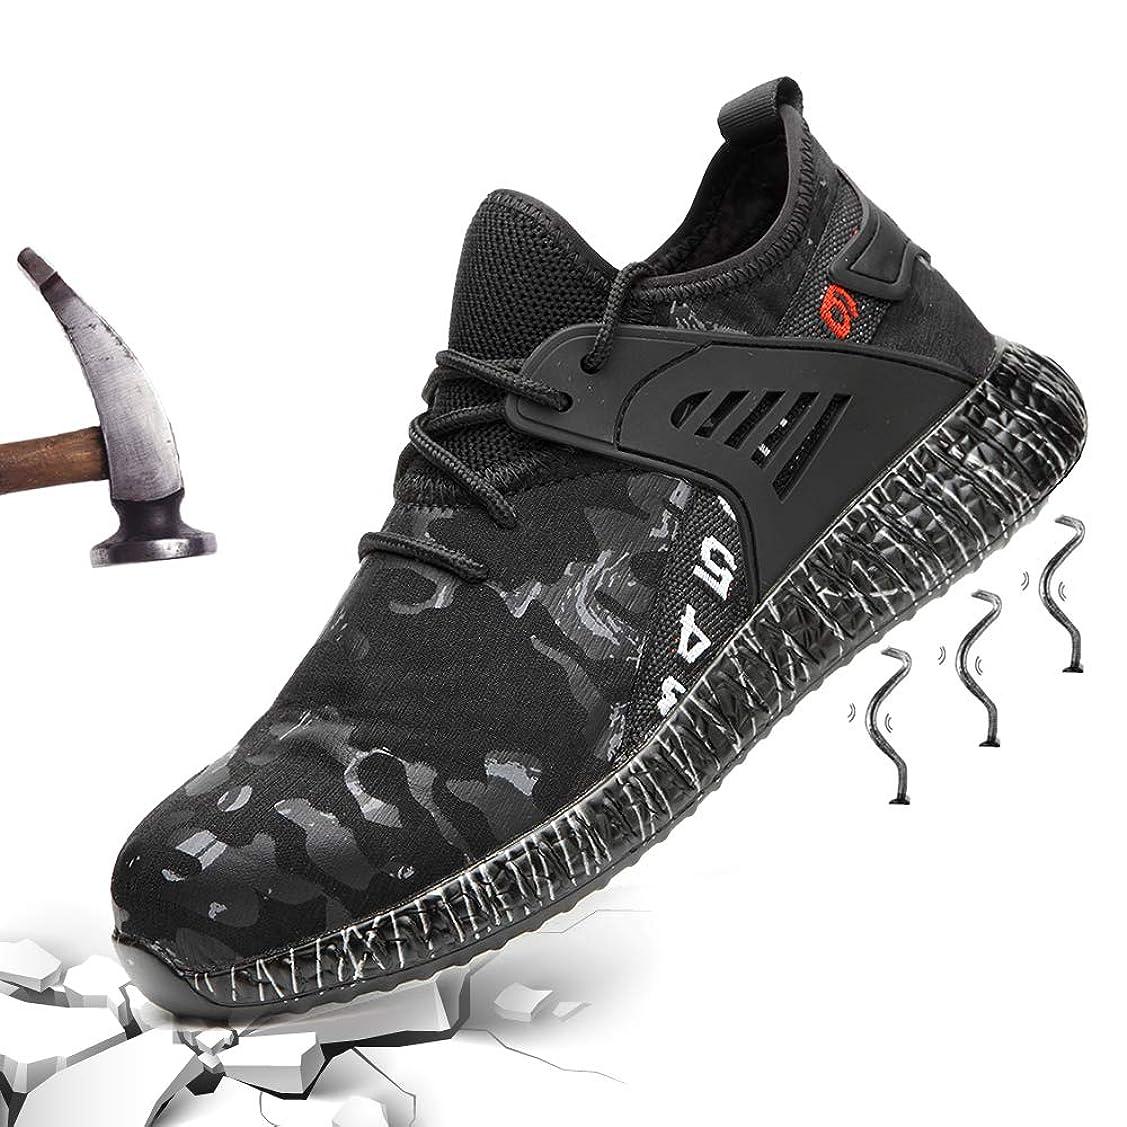 目に見える勝者成人期安全靴 メンズ作業靴レディーズスニーカー鋼先芯 鋼製ミッドソールワーキングシューズ 防滑 通気 男女兼用